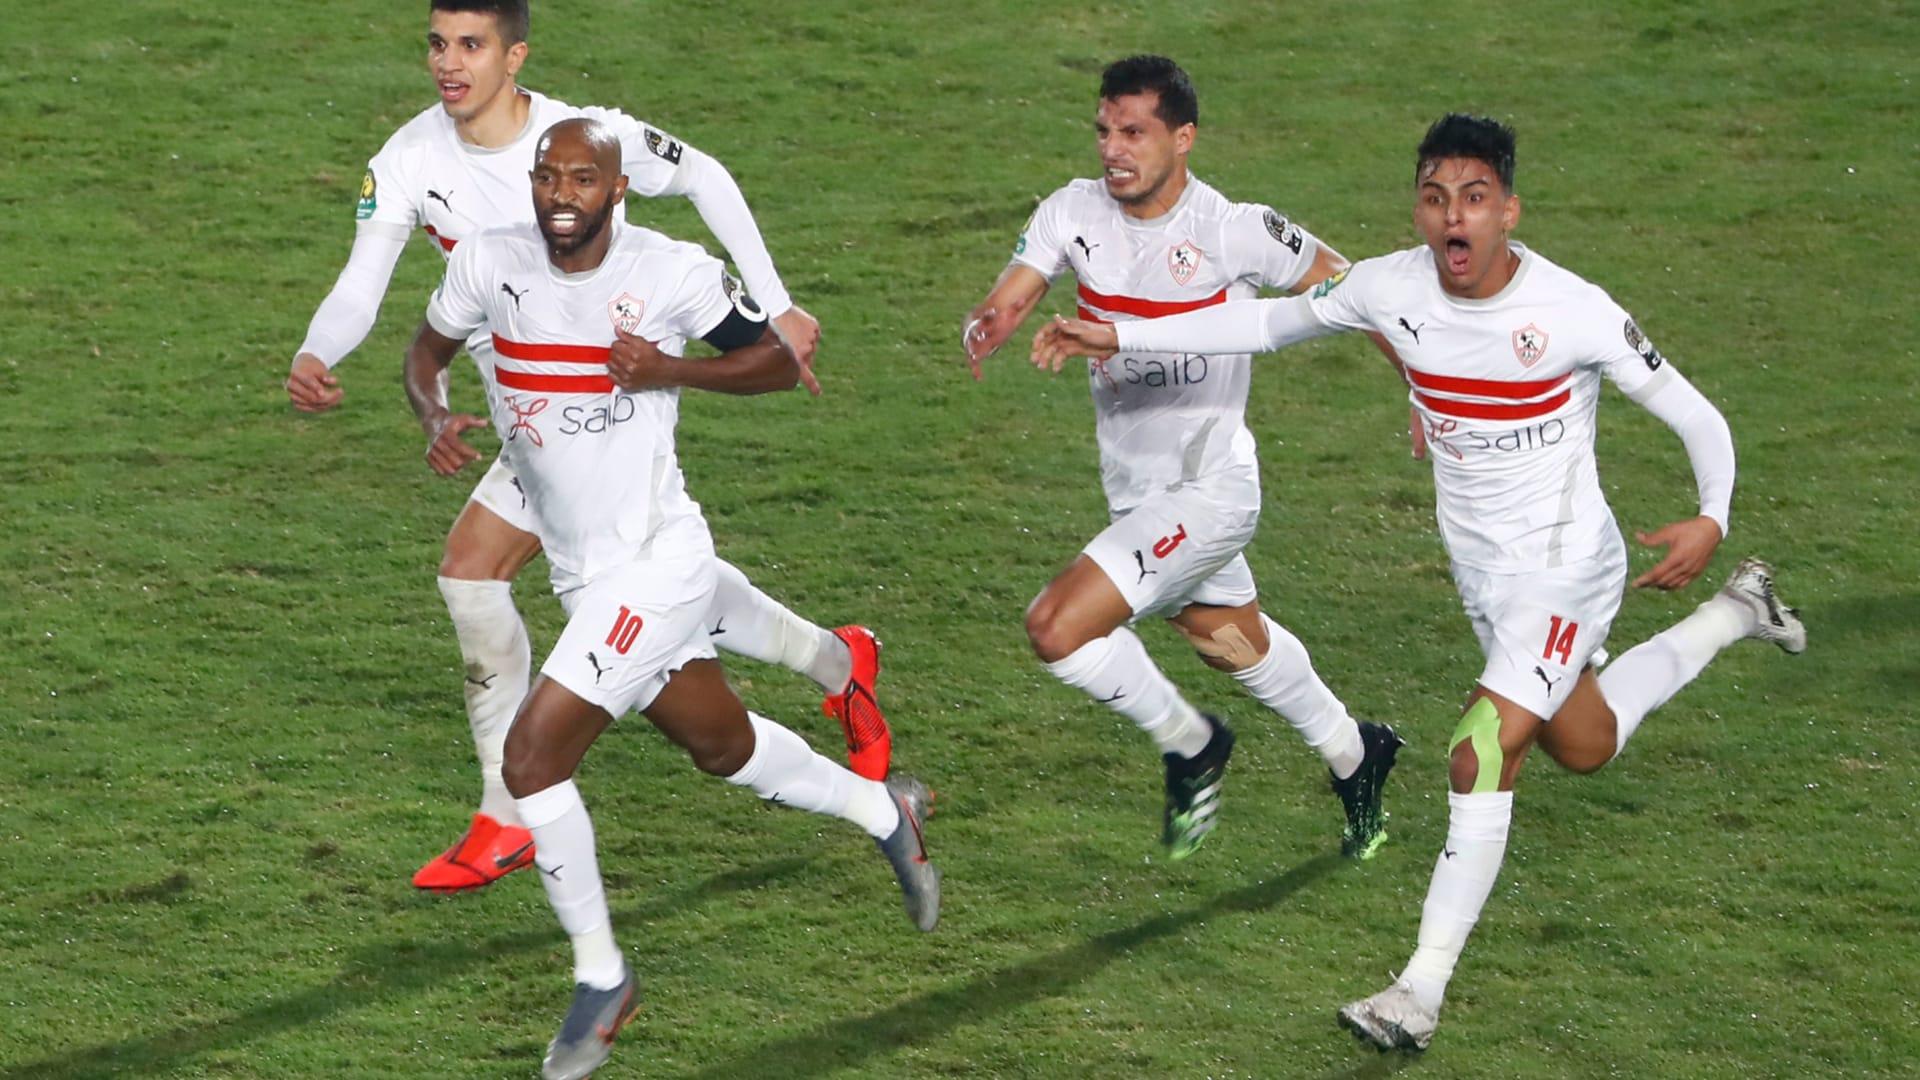 """الزمالك يتخذ خطوة قانونية بشأن مباراة الترجي التونسي ومولودية الجزائر: """"ليست كرة قدم"""""""